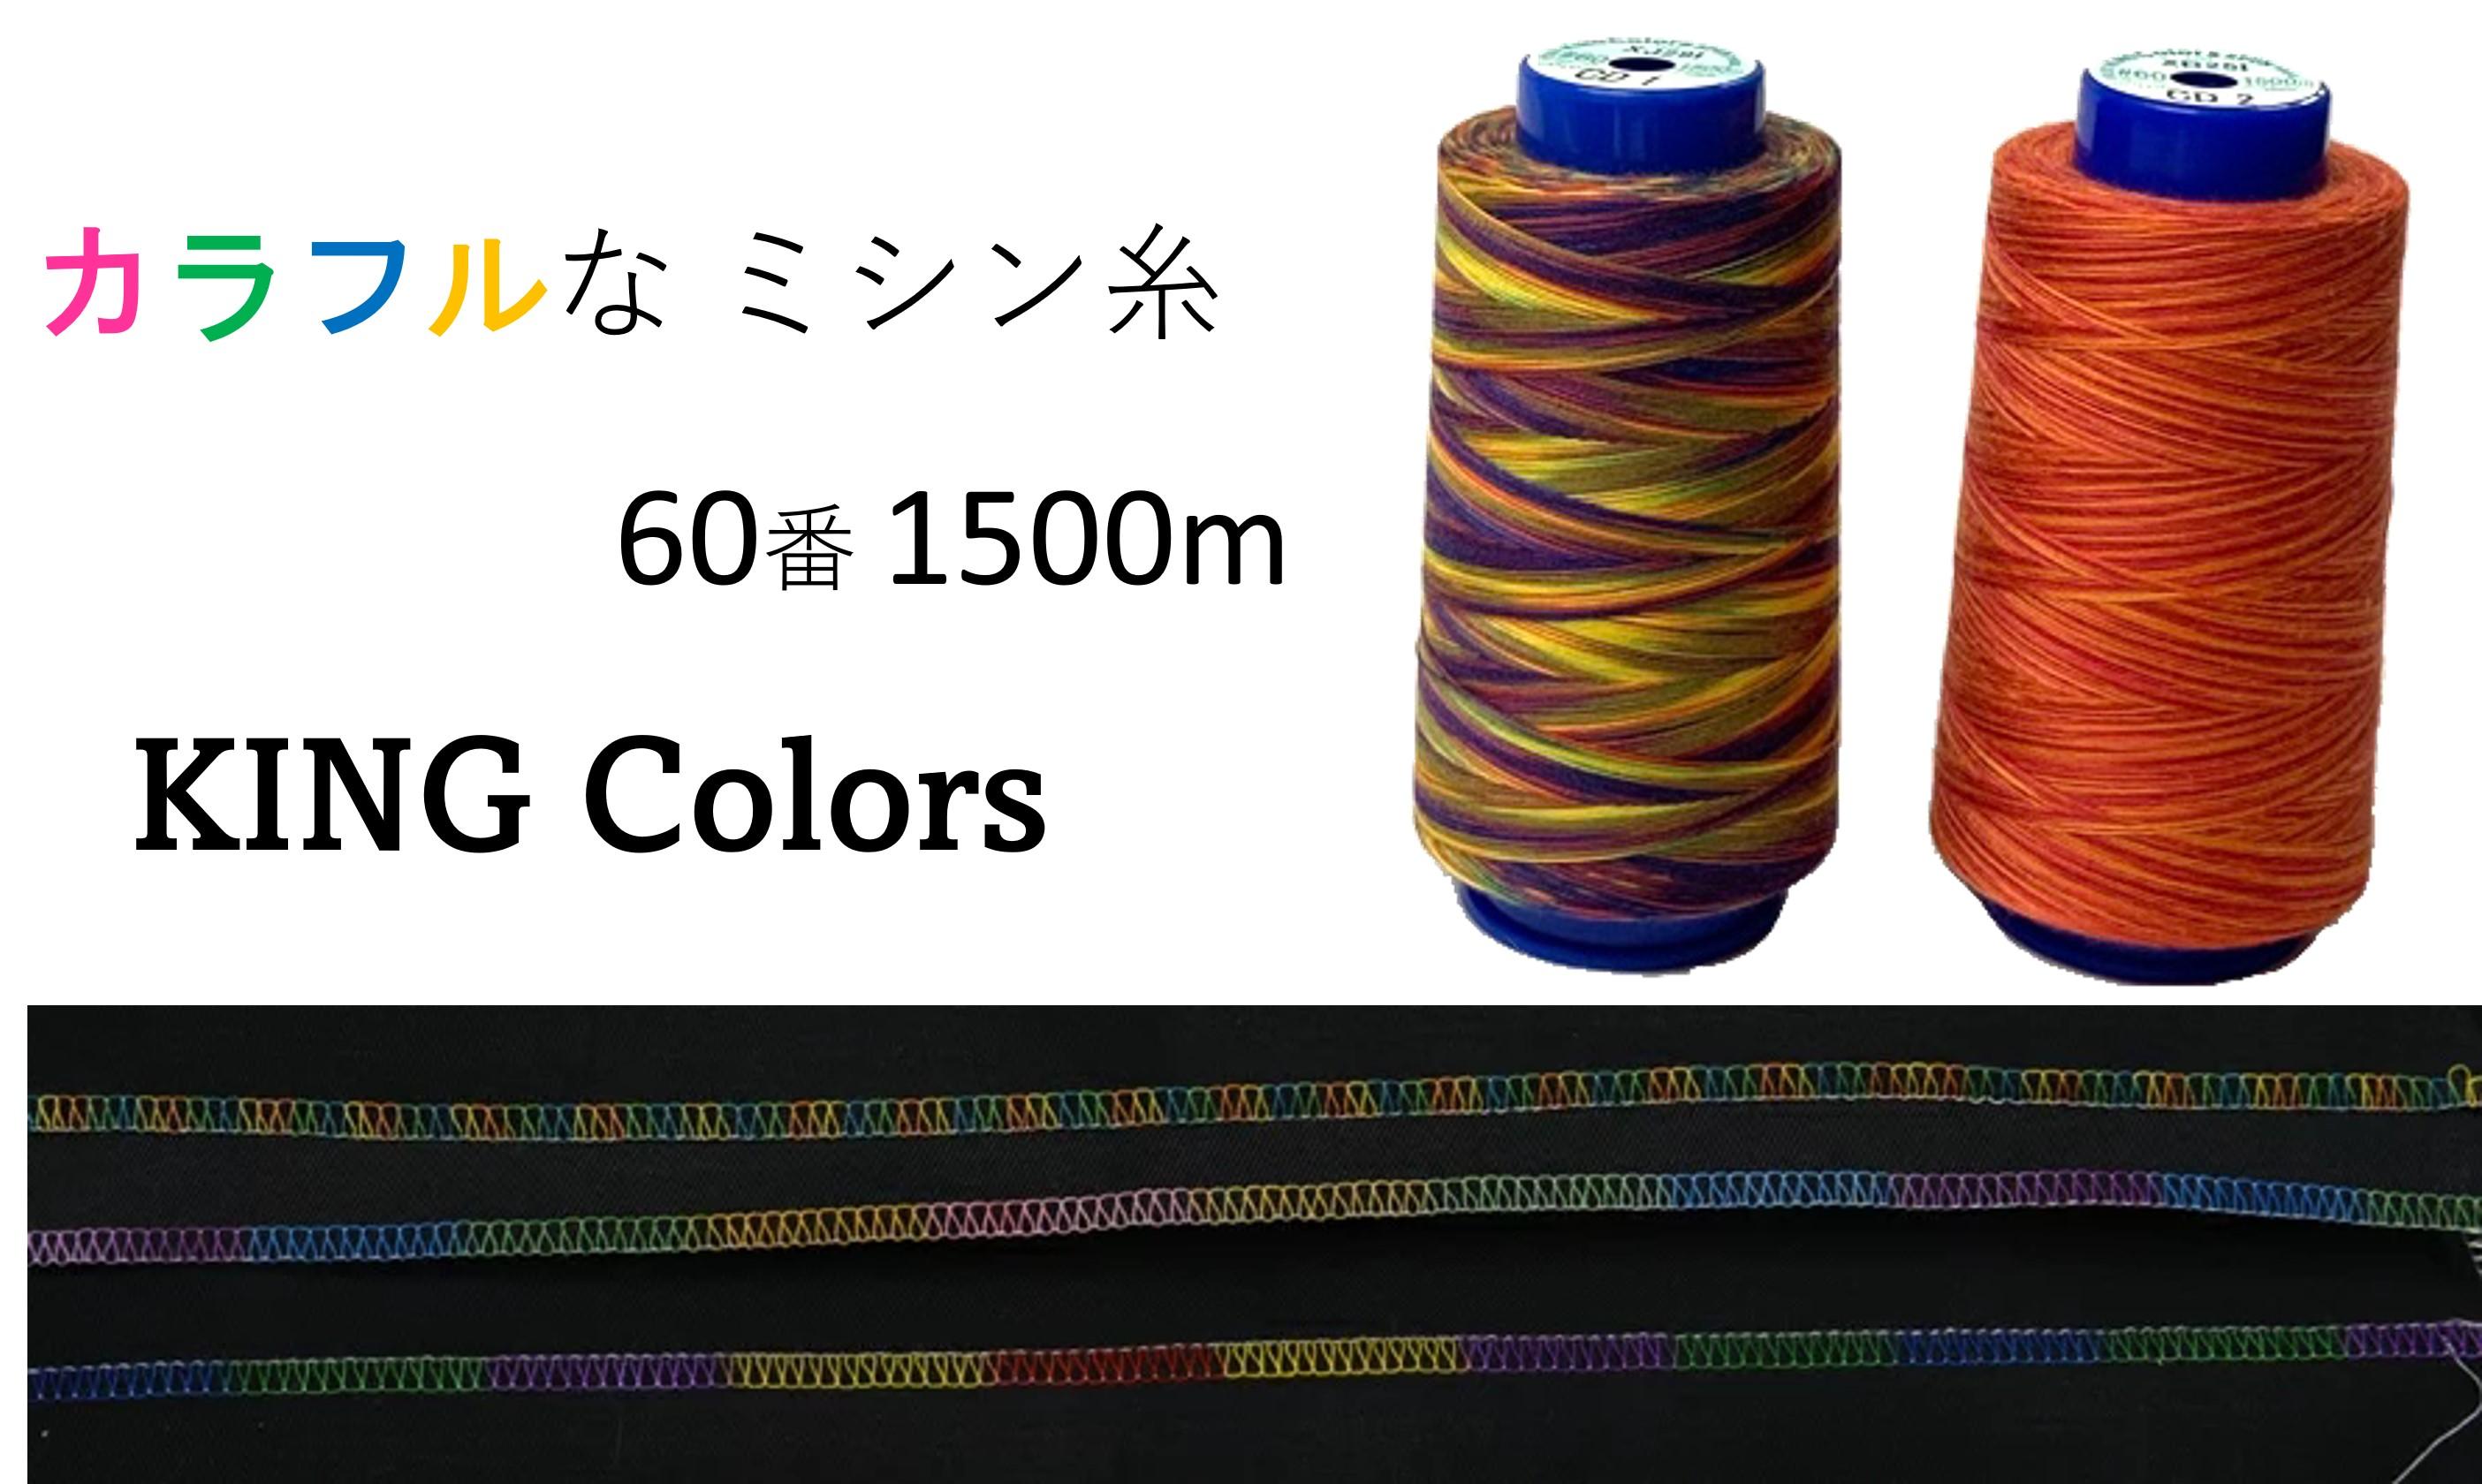 虹色のカラフルなスパンミシン糸 新品 送料無料 1本で最大6色に変化します 色の変化の間隔が狭いタイプです 本縫いステッチ 飾りステッチ 飾りロック 刺繍などに幅広くお使いいただけます 虹色 大容量ミシン糸 カラーズスパン 60番 1500m ダンカラー レインボー カラフル 段染め グラデーション キングカラーズ 工業用 スパン 刺繍糸 小物 子供 スパン60 ステッチ ロックミシン 糸 入学 スピード対応 全国送料無料 普通地用 かわいい 業務用 入園 ミシン糸 60 万能色 ハンドメイド 手芸